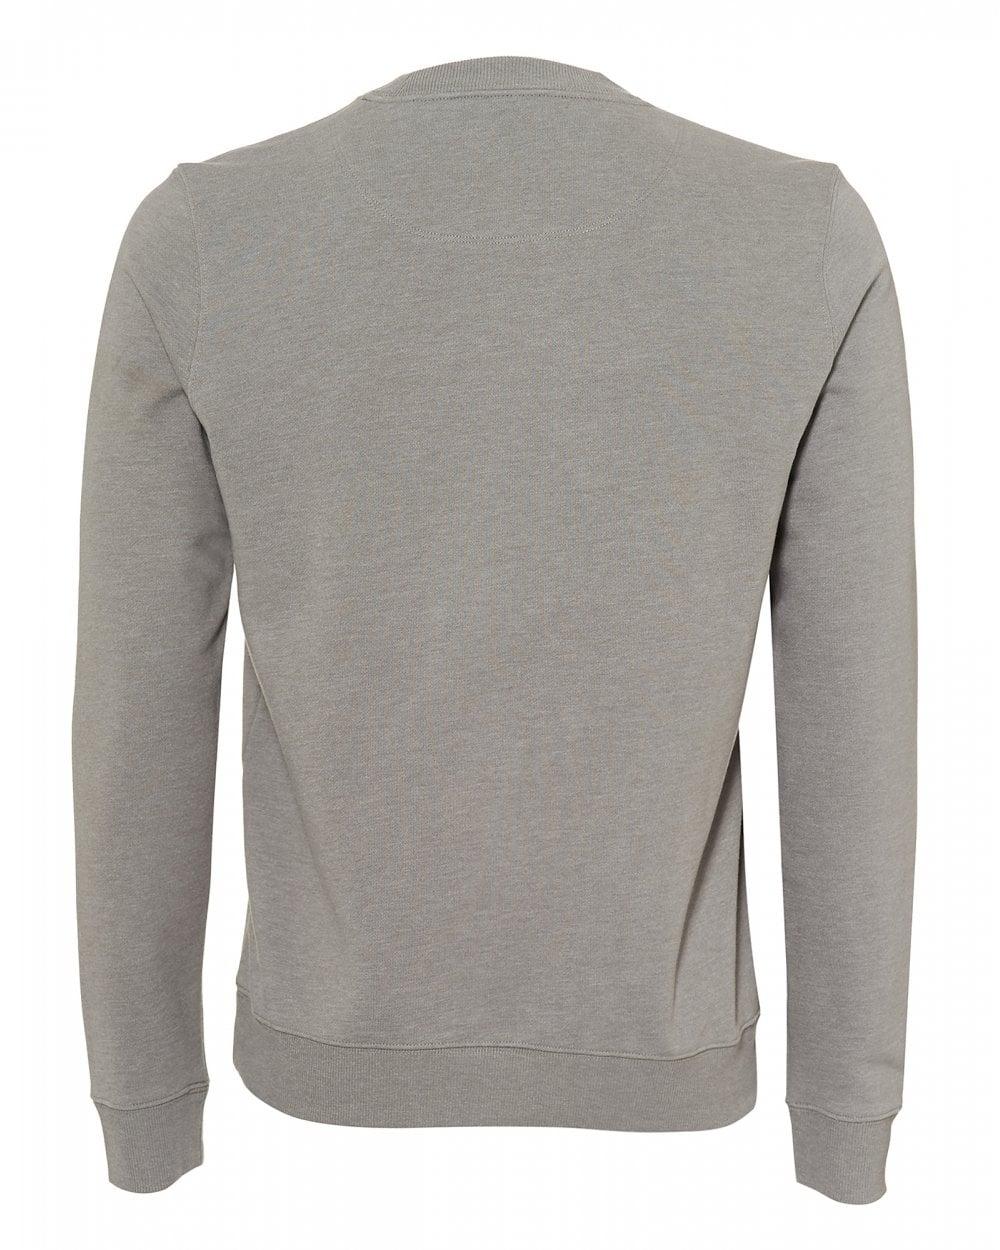 BOSS CASUAL WEDFORD - Sweatshirt - white 11bzsqDYA